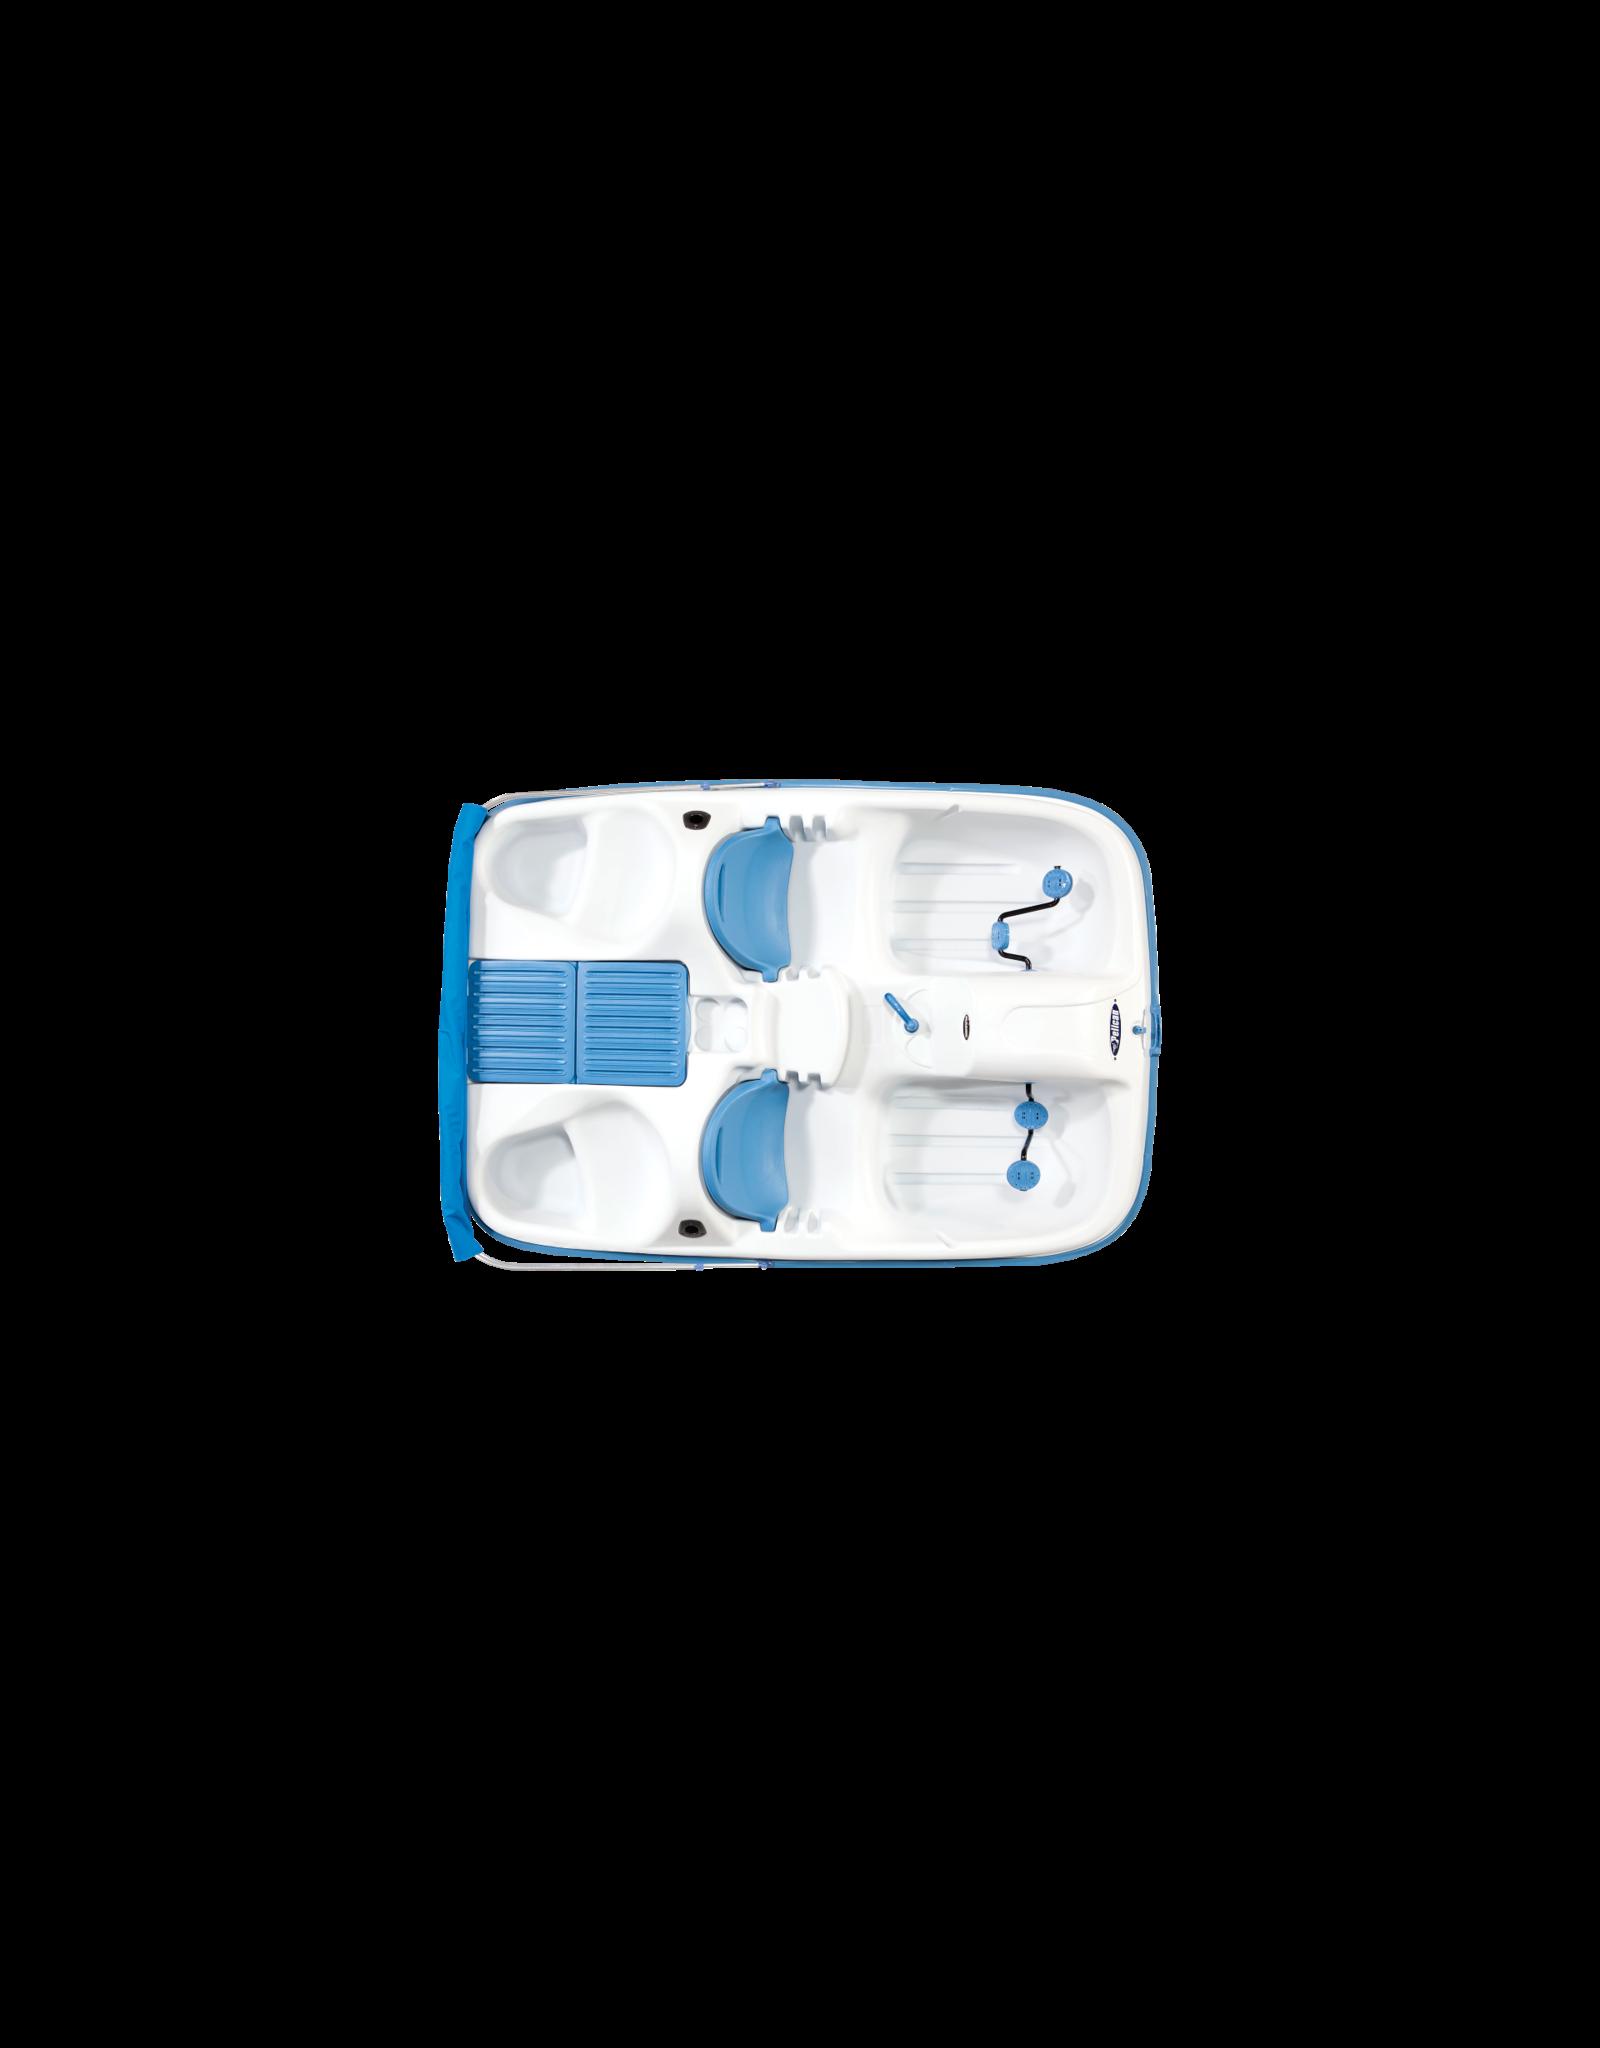 Pelican Pelican Monaco DLX Angler Pedal Boat White/Lime